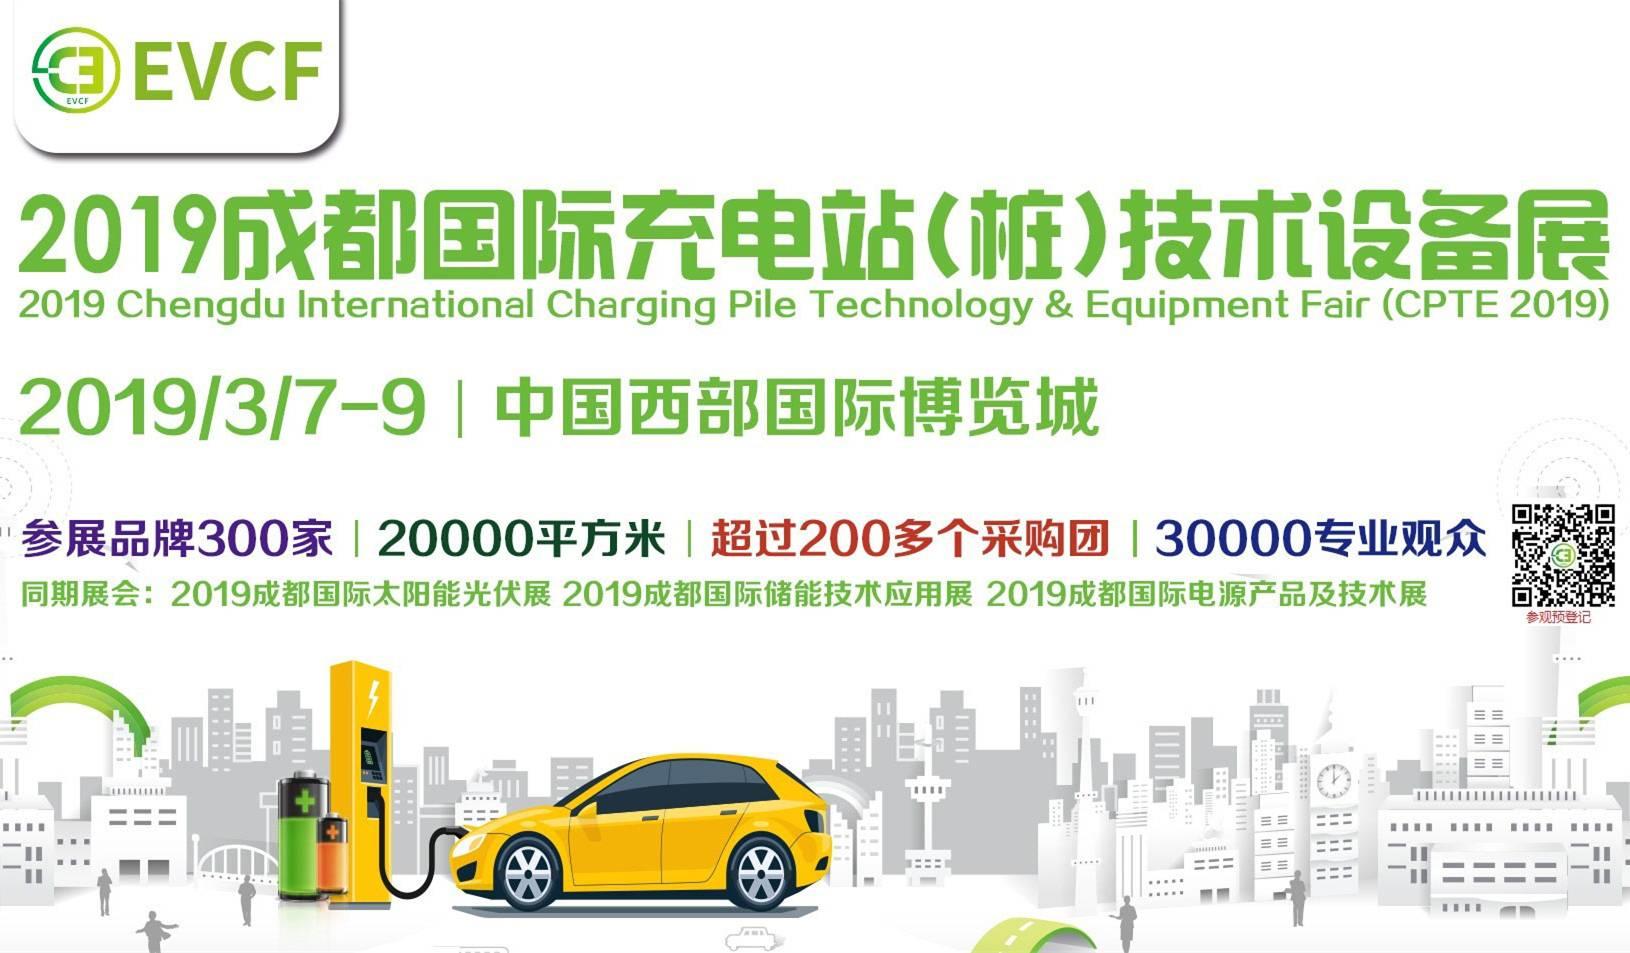 2019成都国际充电站(桩)技术设备展与您相约3月